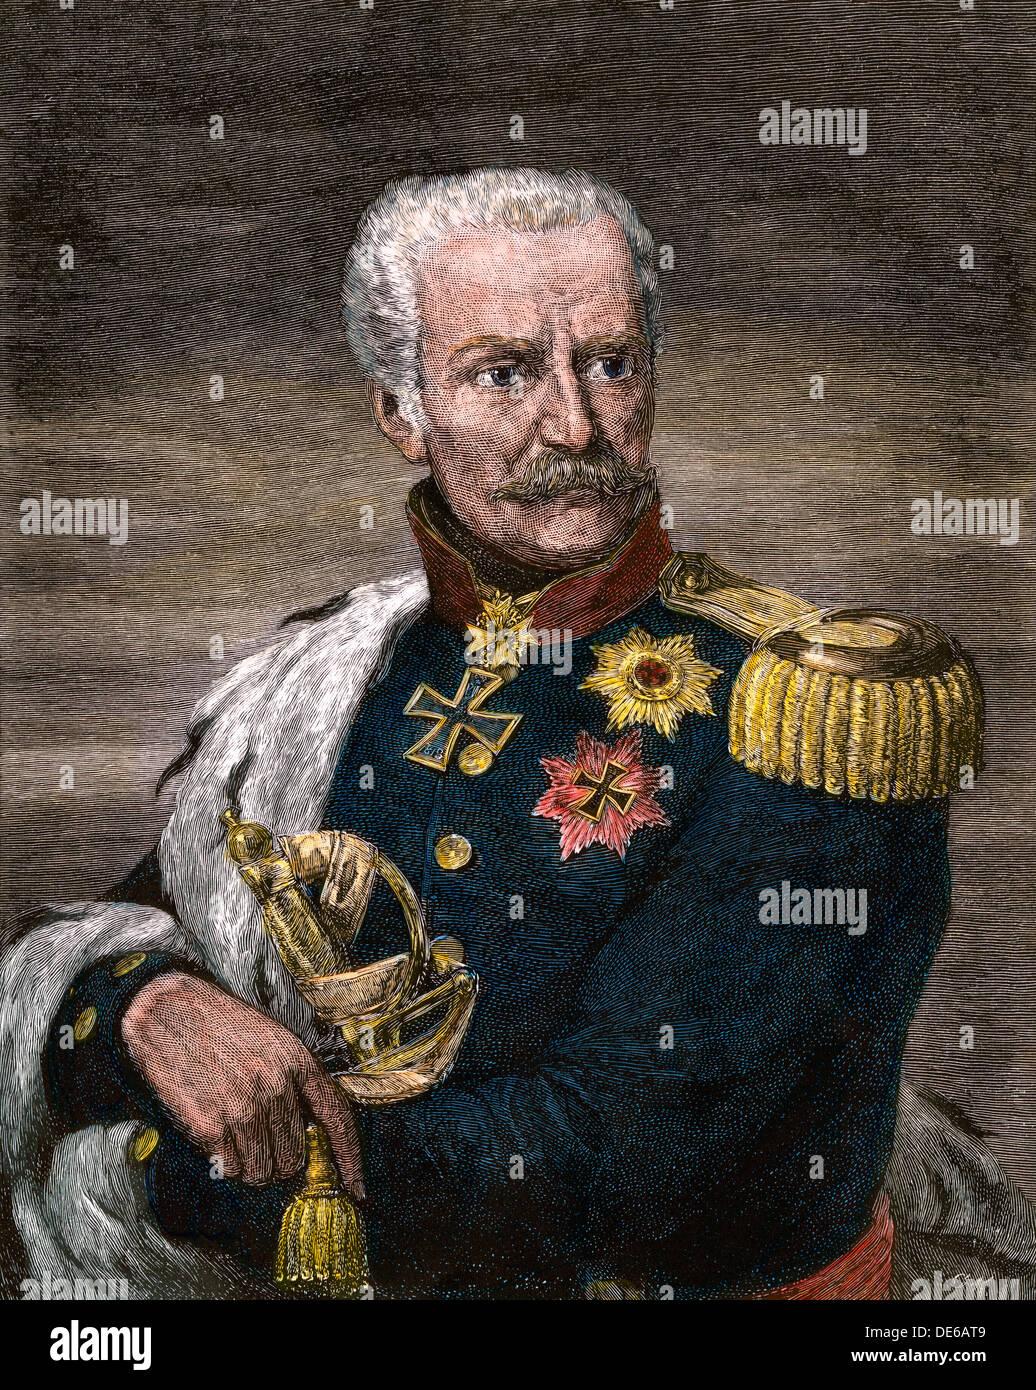 El mariscal de campo Gebhard Leberecht von Blucher, comandante prusiano en Waterloo. Xilografía coloreada a mano Imagen De Stock